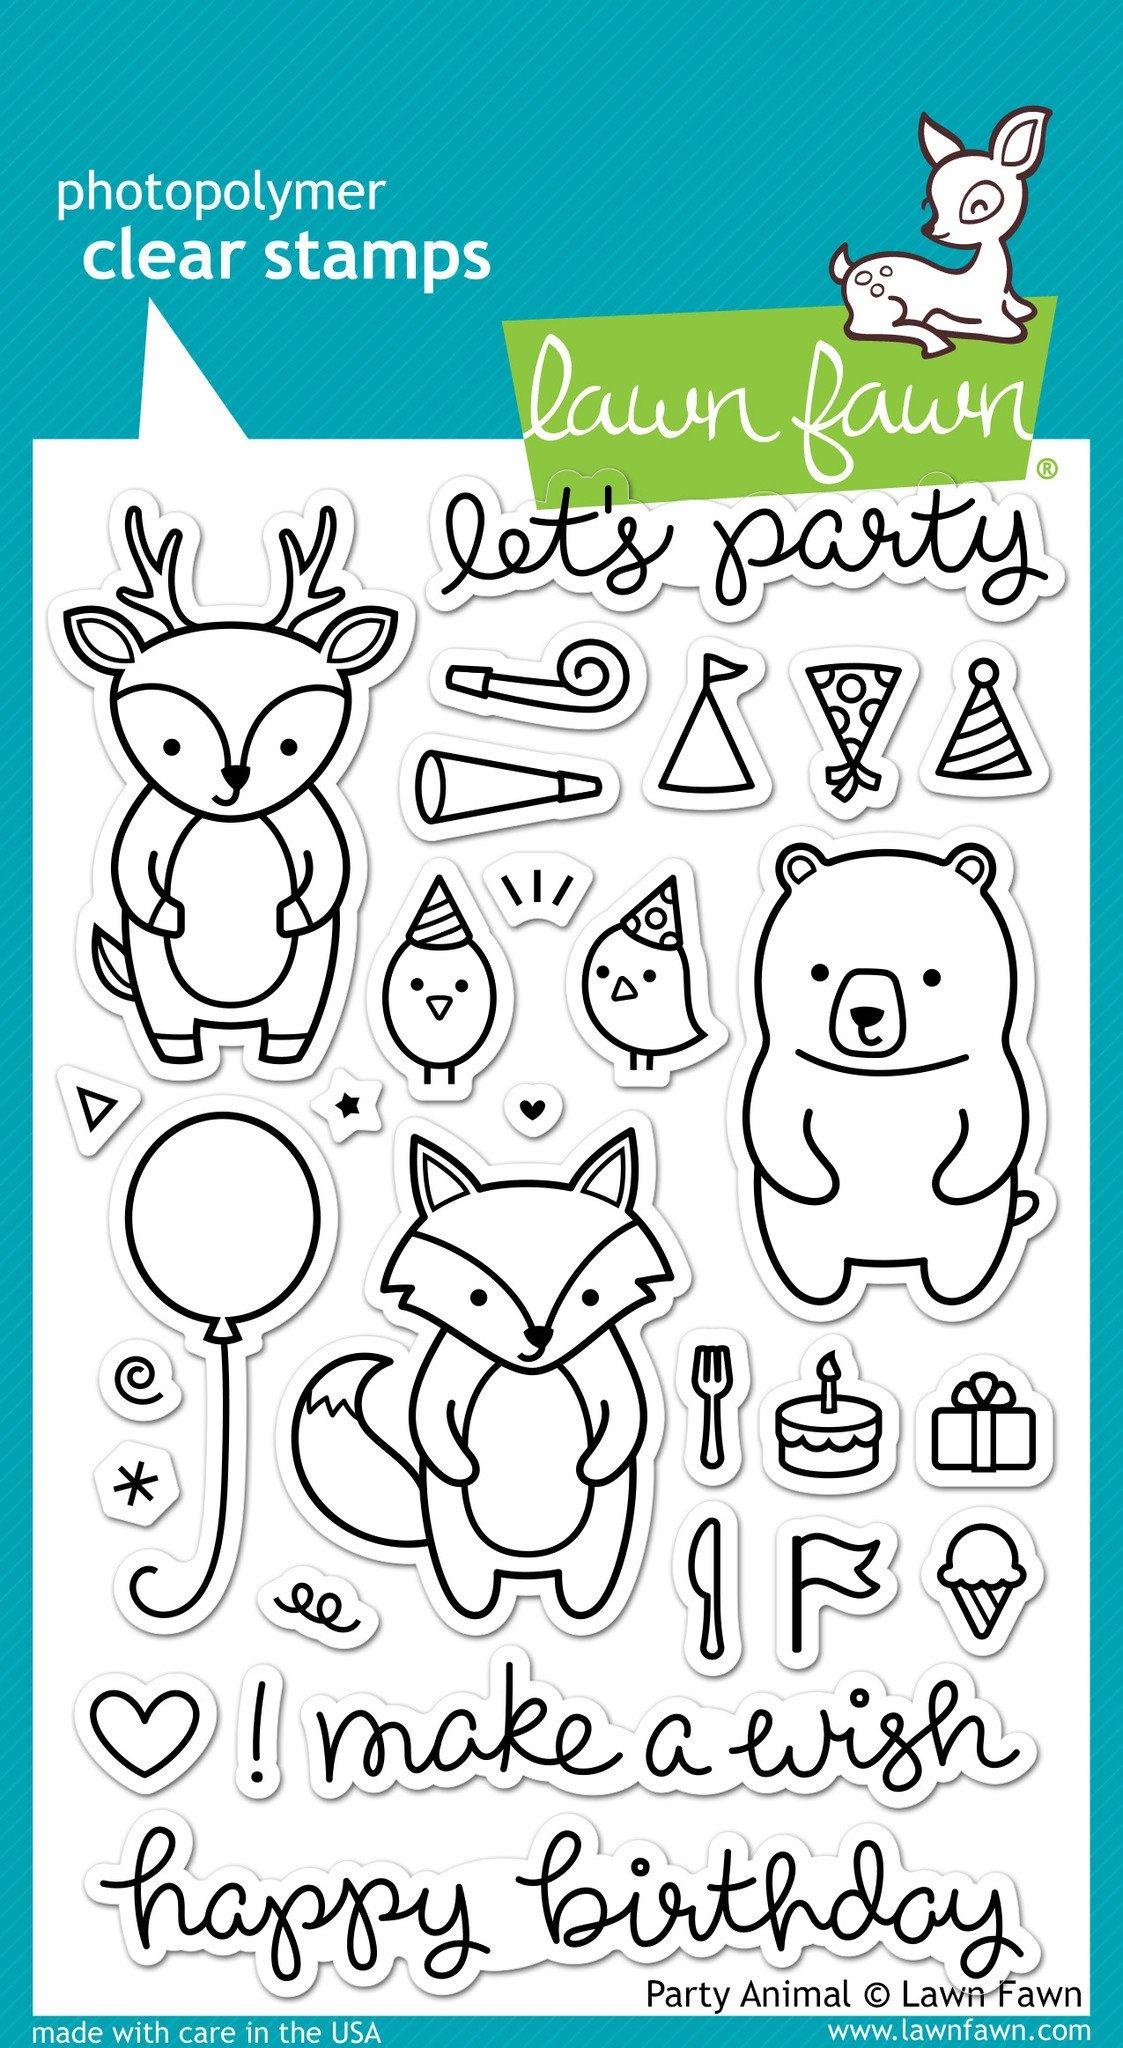 LF893_PartyAnimal